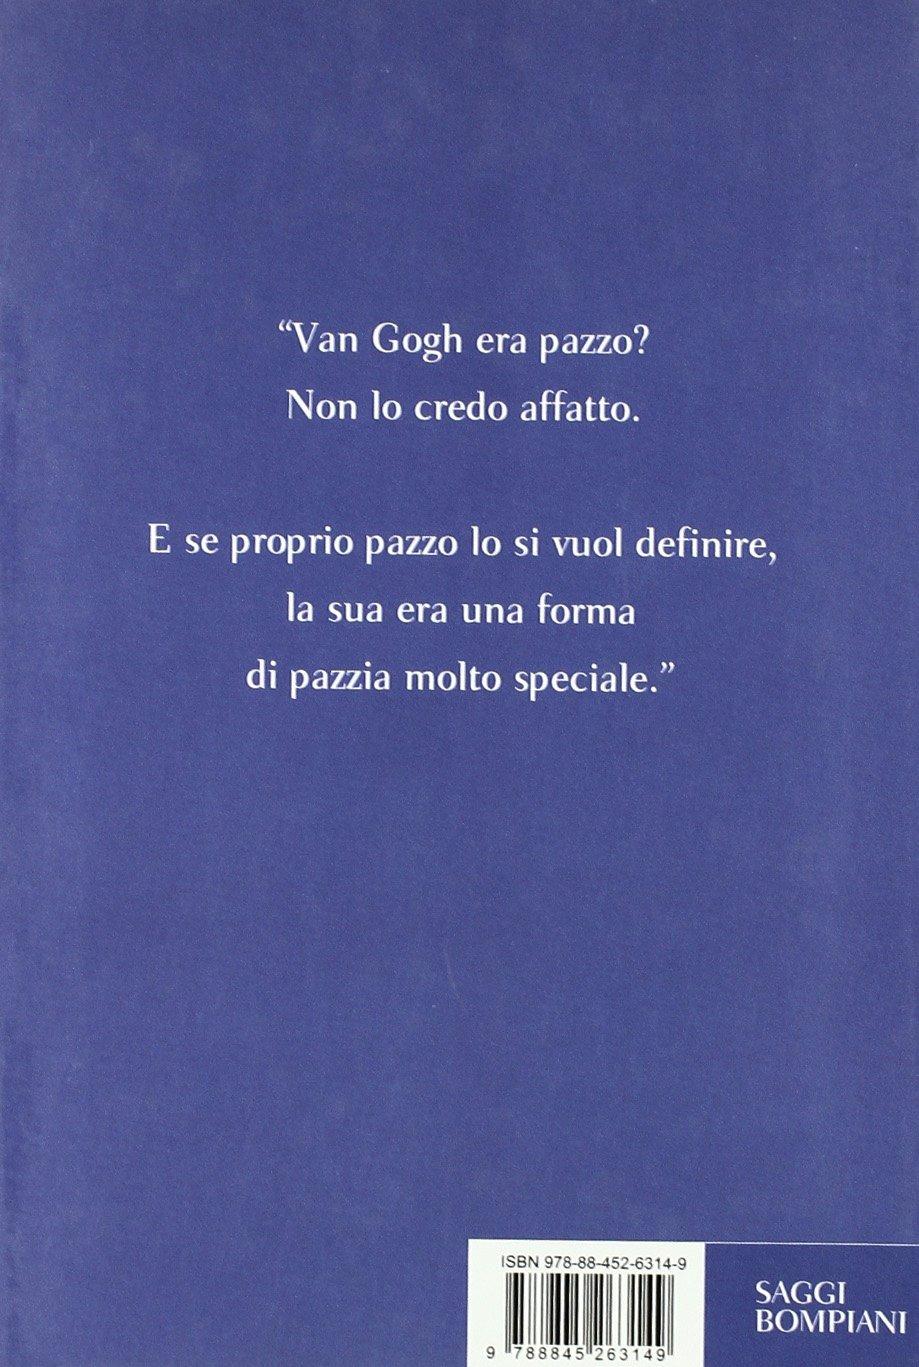 Follia Via Di Vincent Van Gogh Giordano Bruno Guerri Guerri